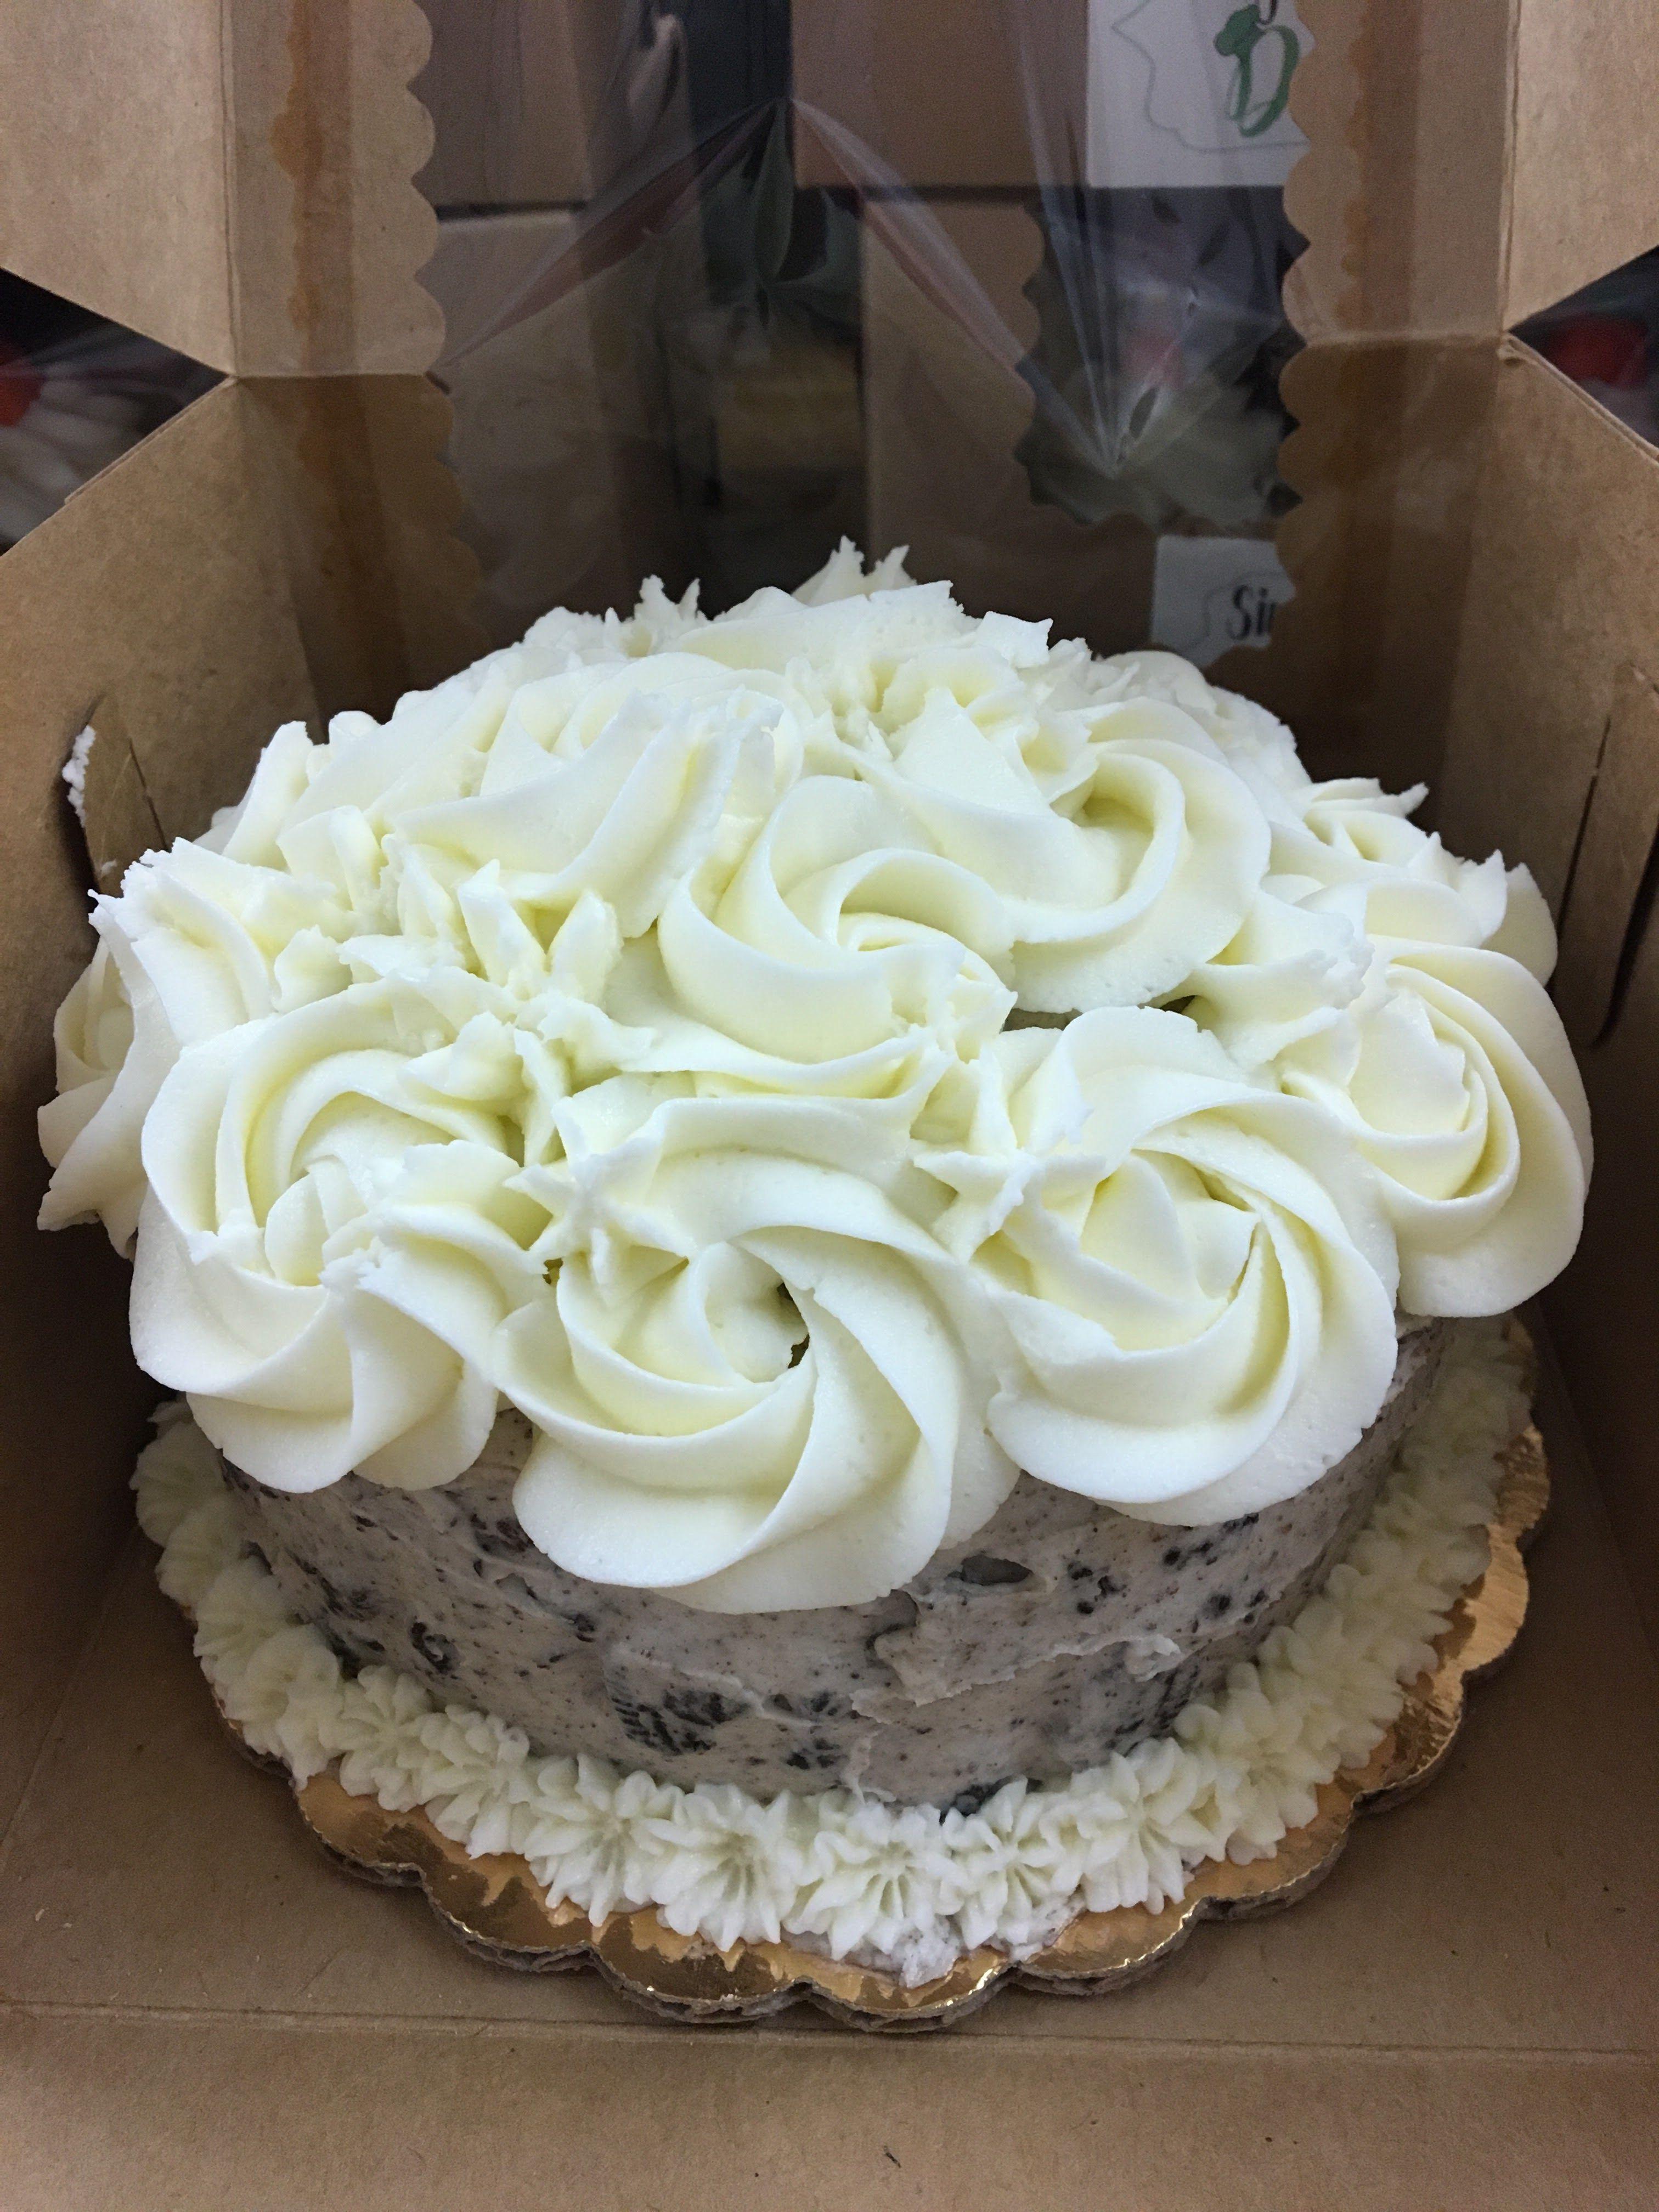 Oreo Rosetta Cake